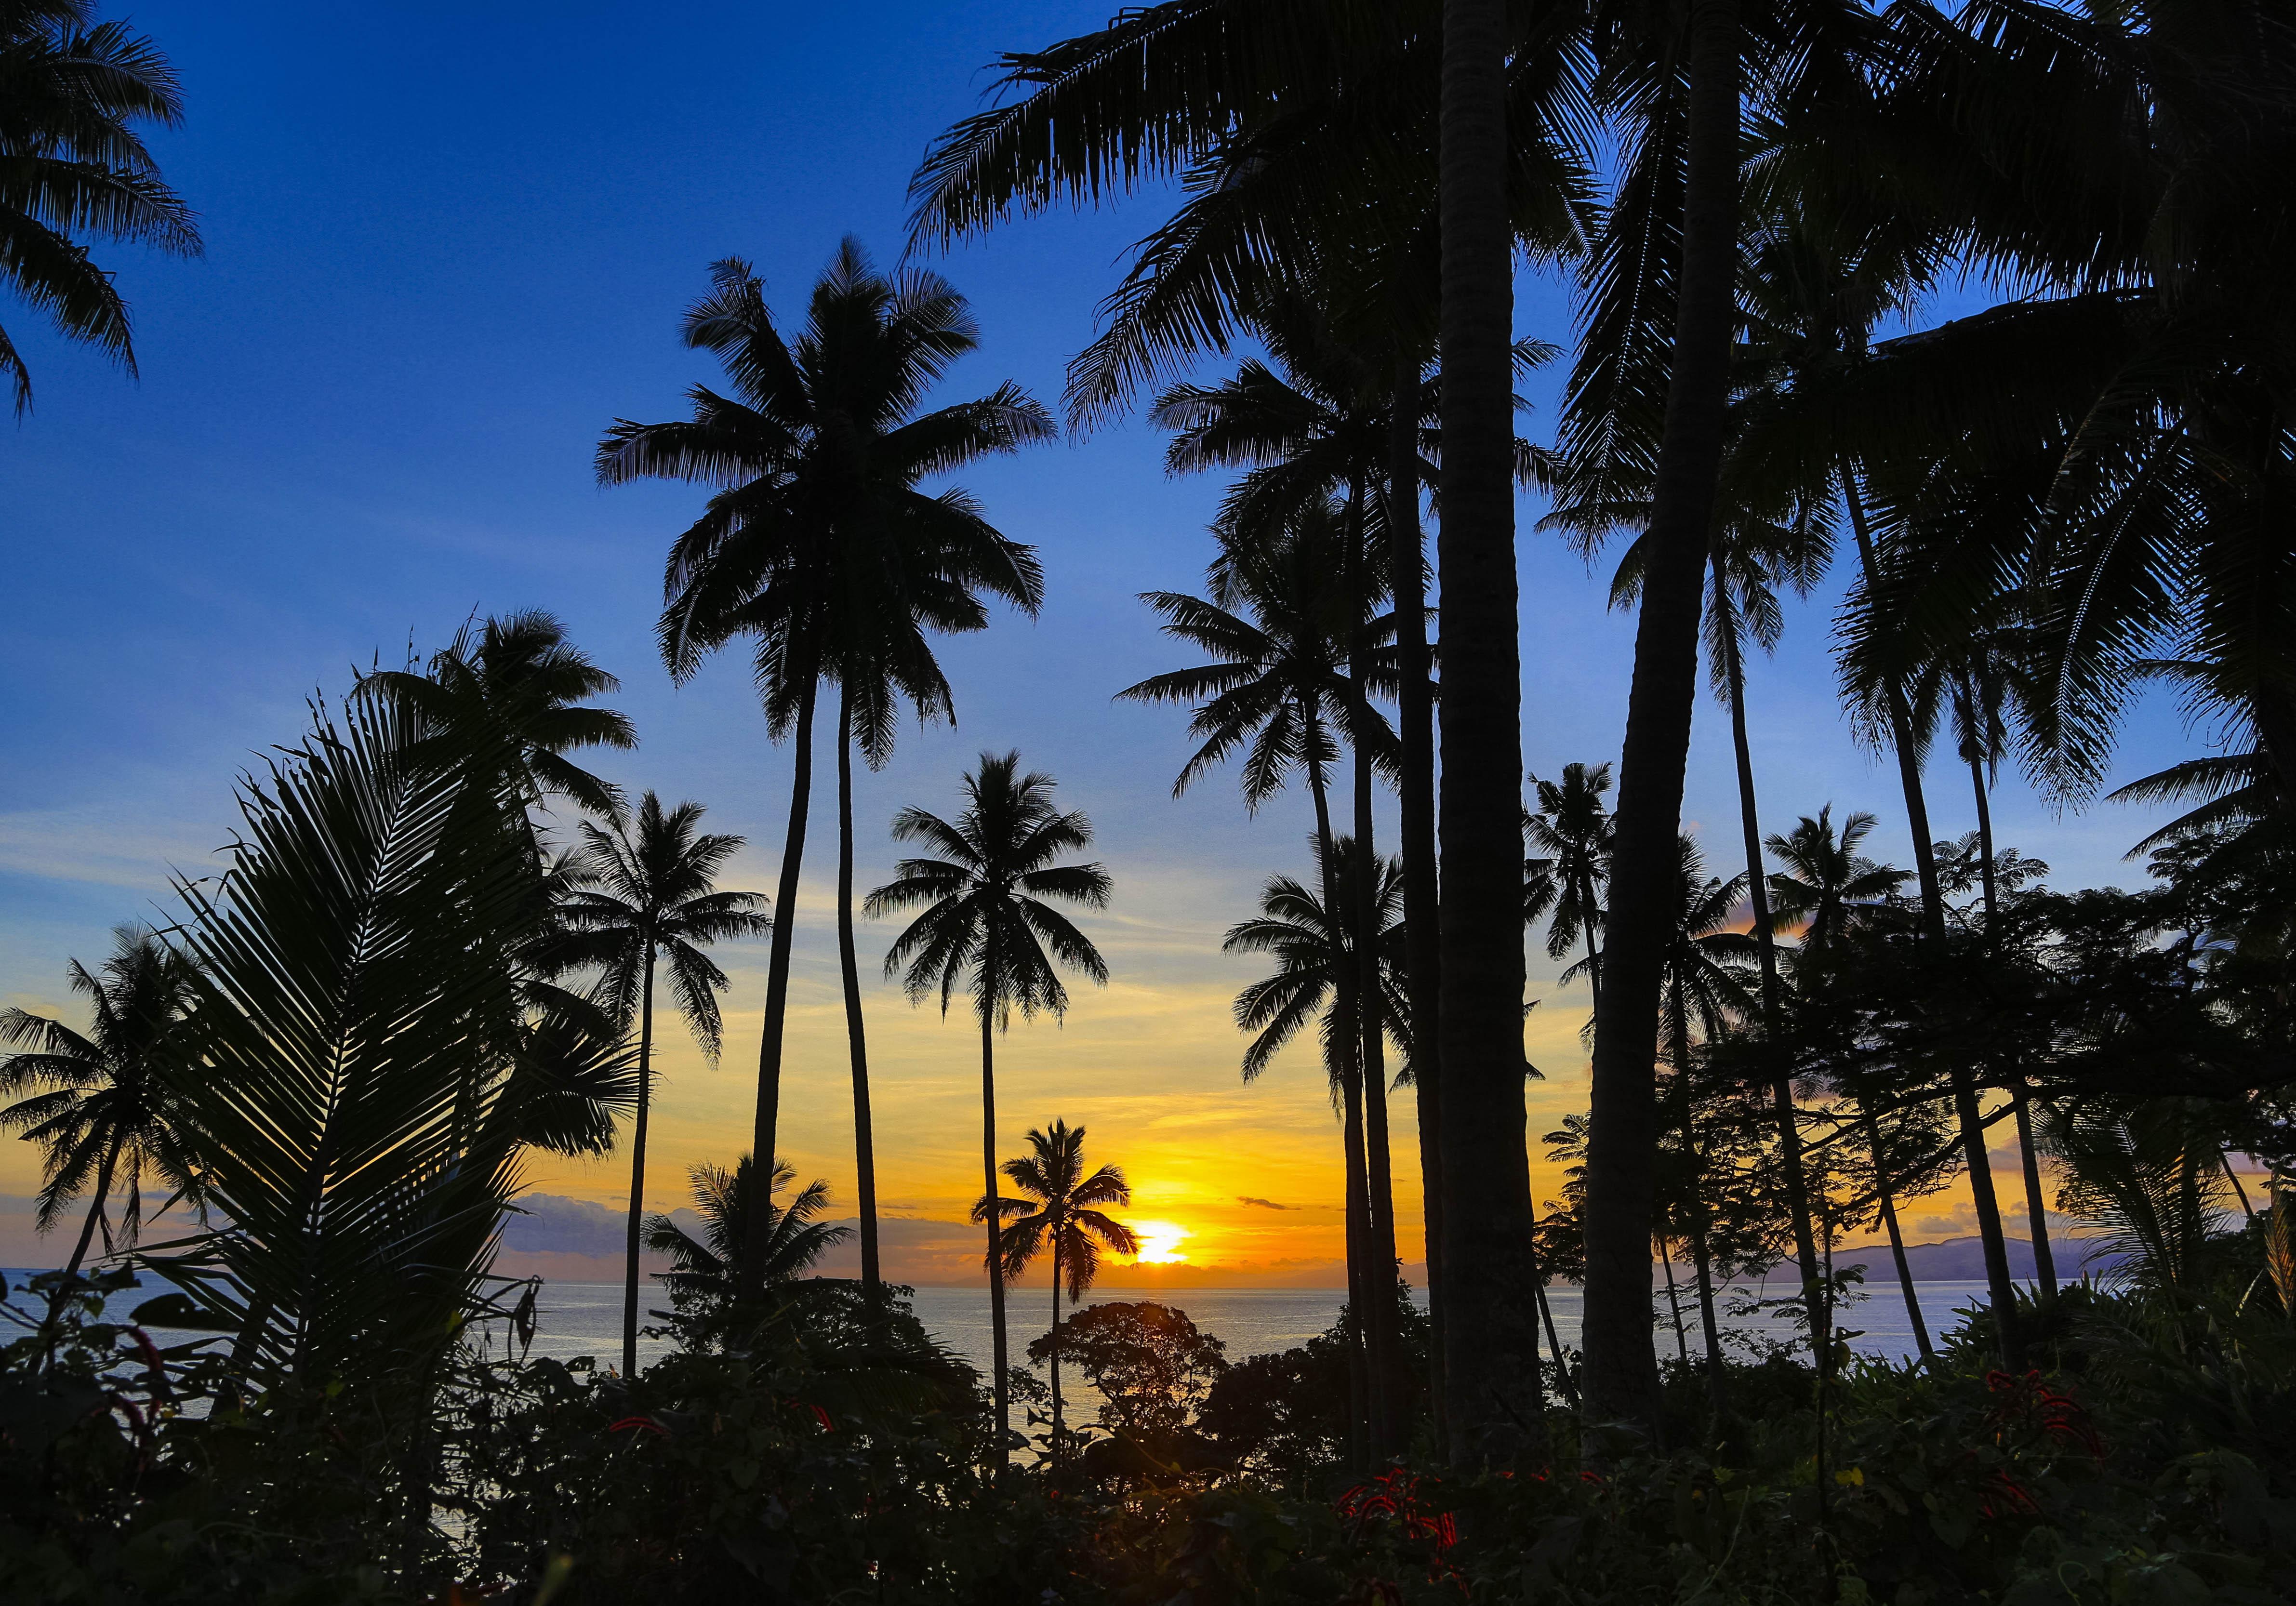 Iles fidji les dix meilleurs endroits des les fidji elle - Photos de toutes sortes de palmiers ...